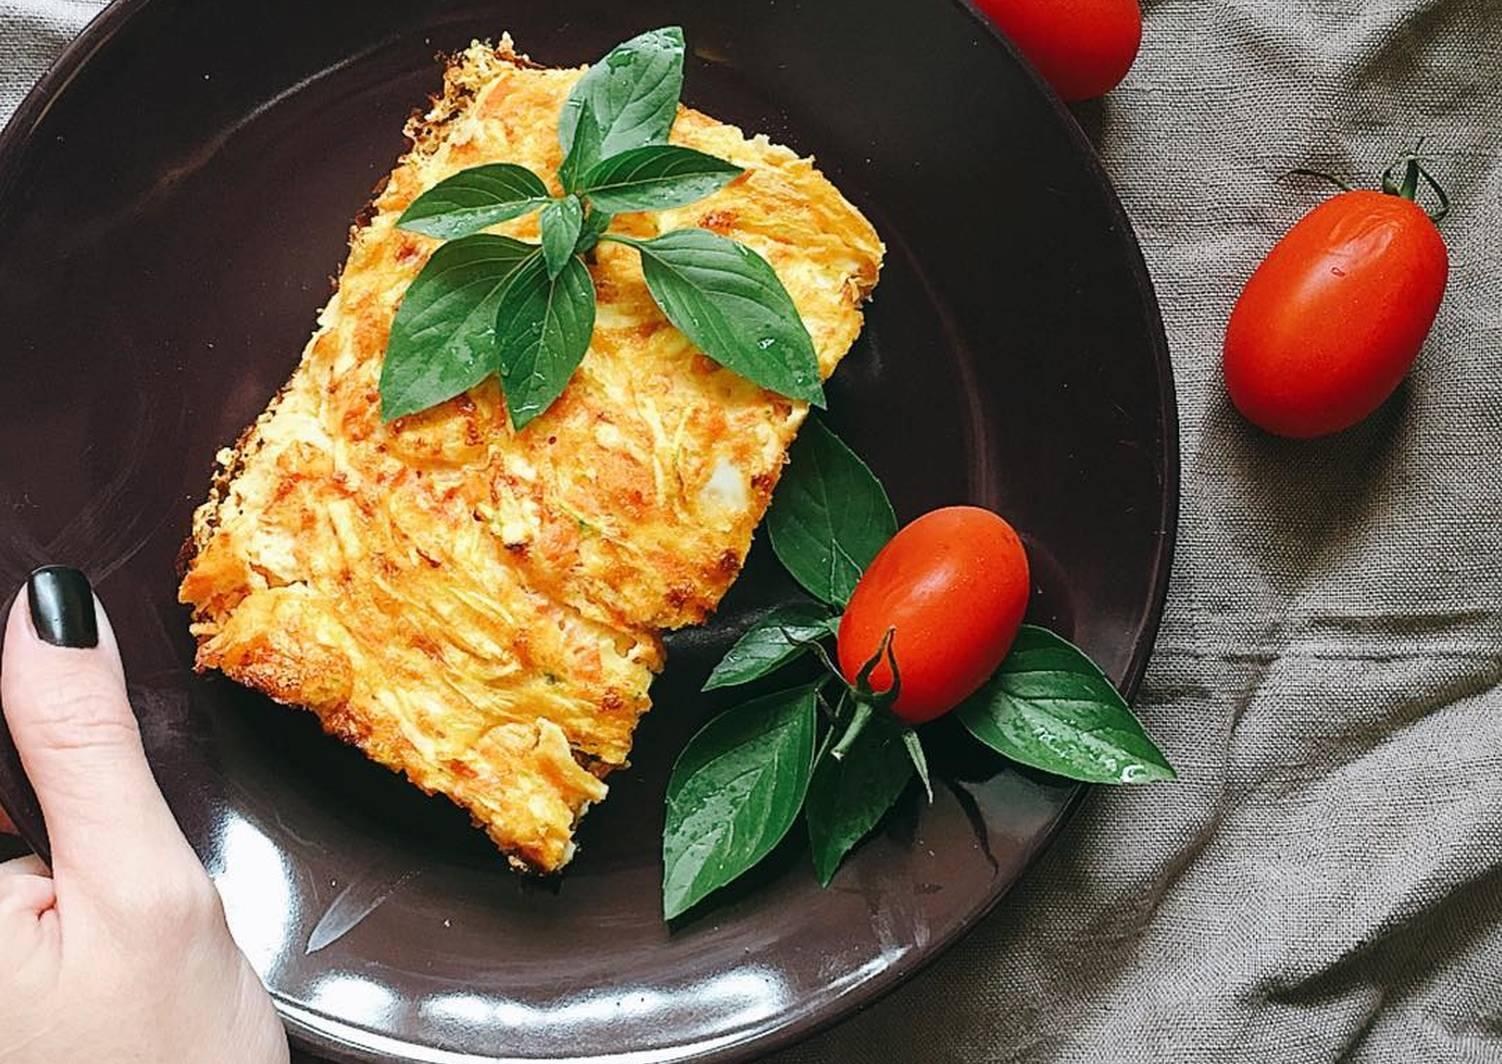 омлет из помидоров рецепт с фото баумана специализируются